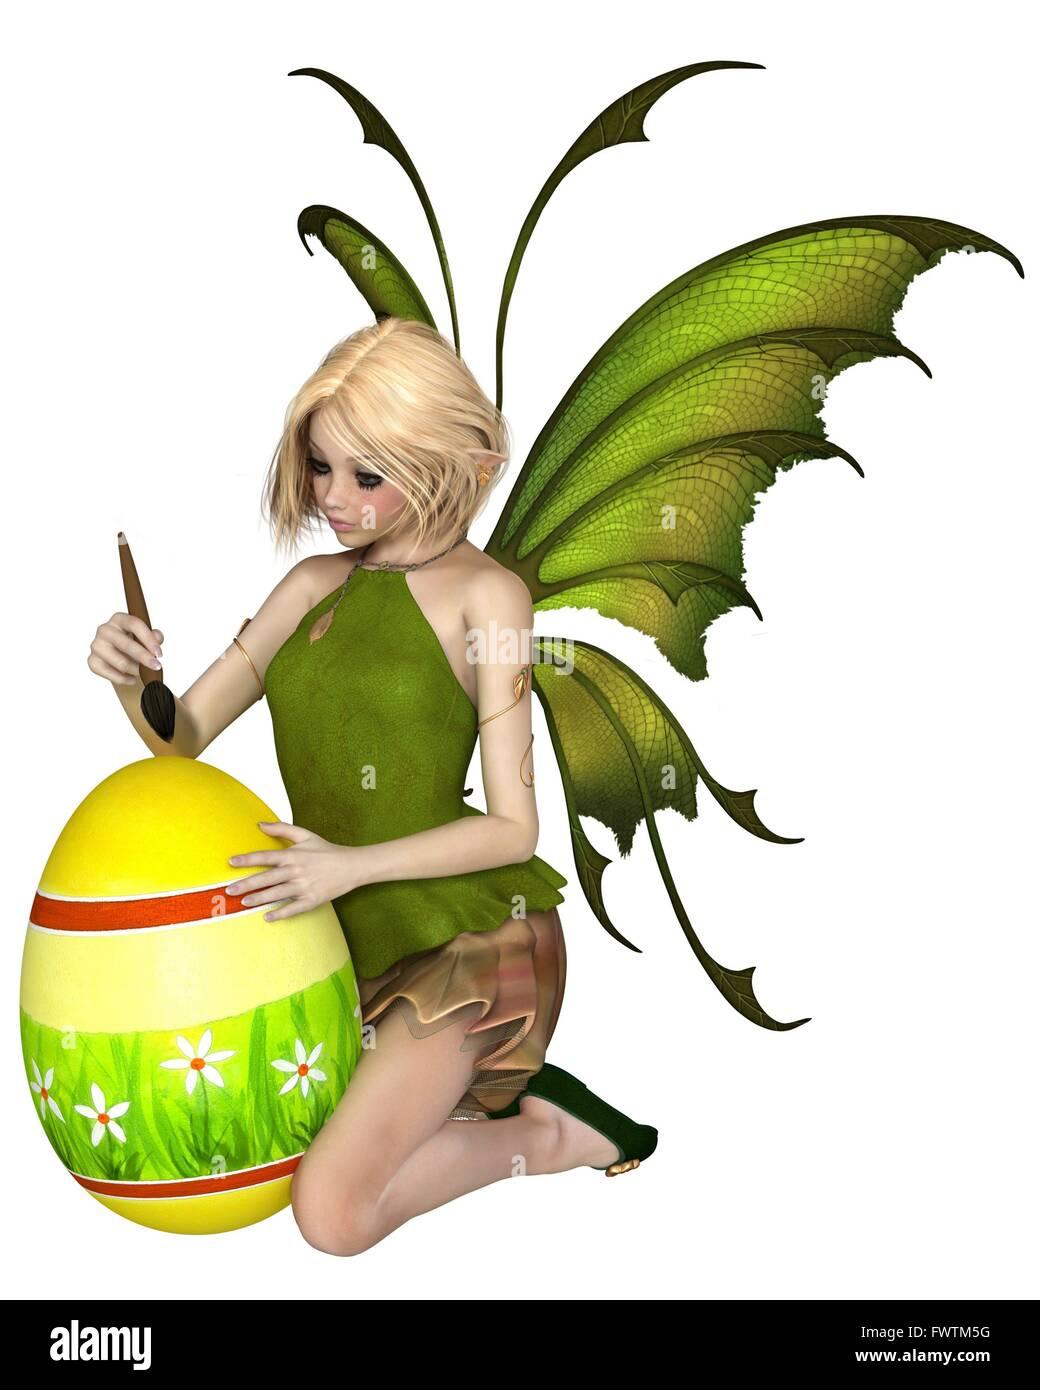 Zwerge Trolle Elfen Feen Im Magischen Spiegel Kannst Du Sie